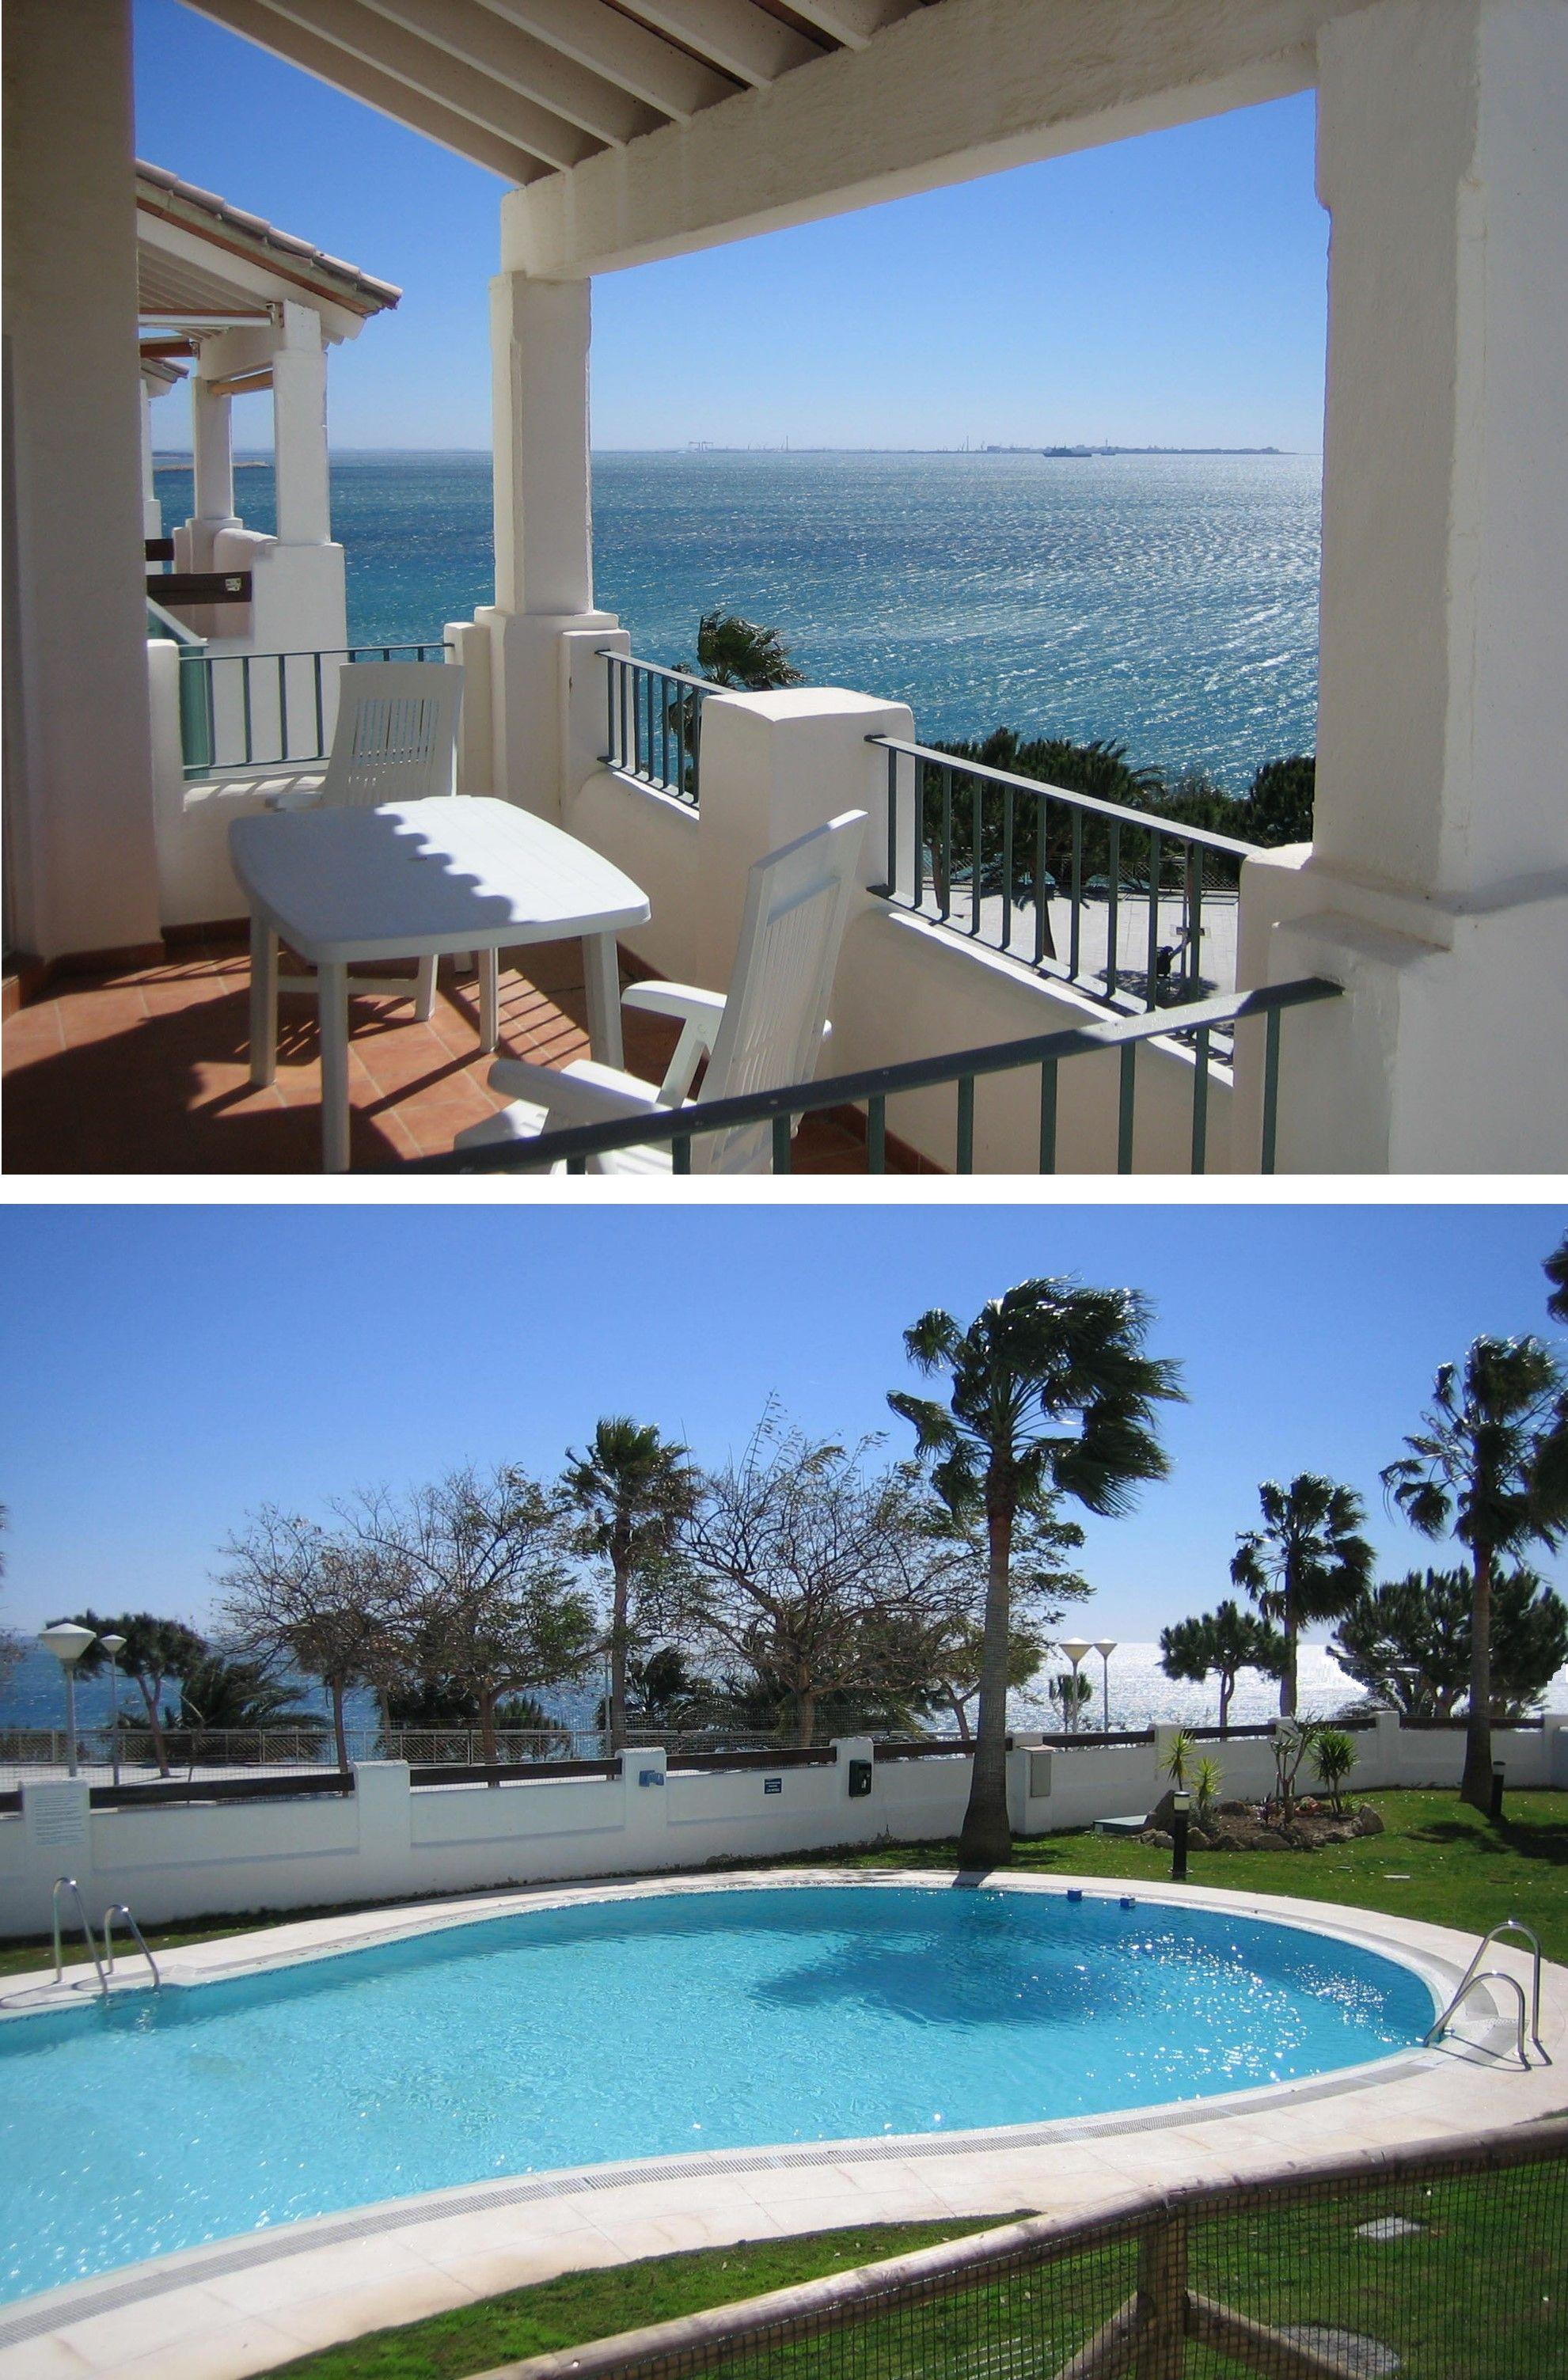 Rota Apartamento En Primera Línea Con Maravillosas Vistas Al Mar En Rota Cádiz Casas De Veraneo Apartamentos Decoracion De Exteriores